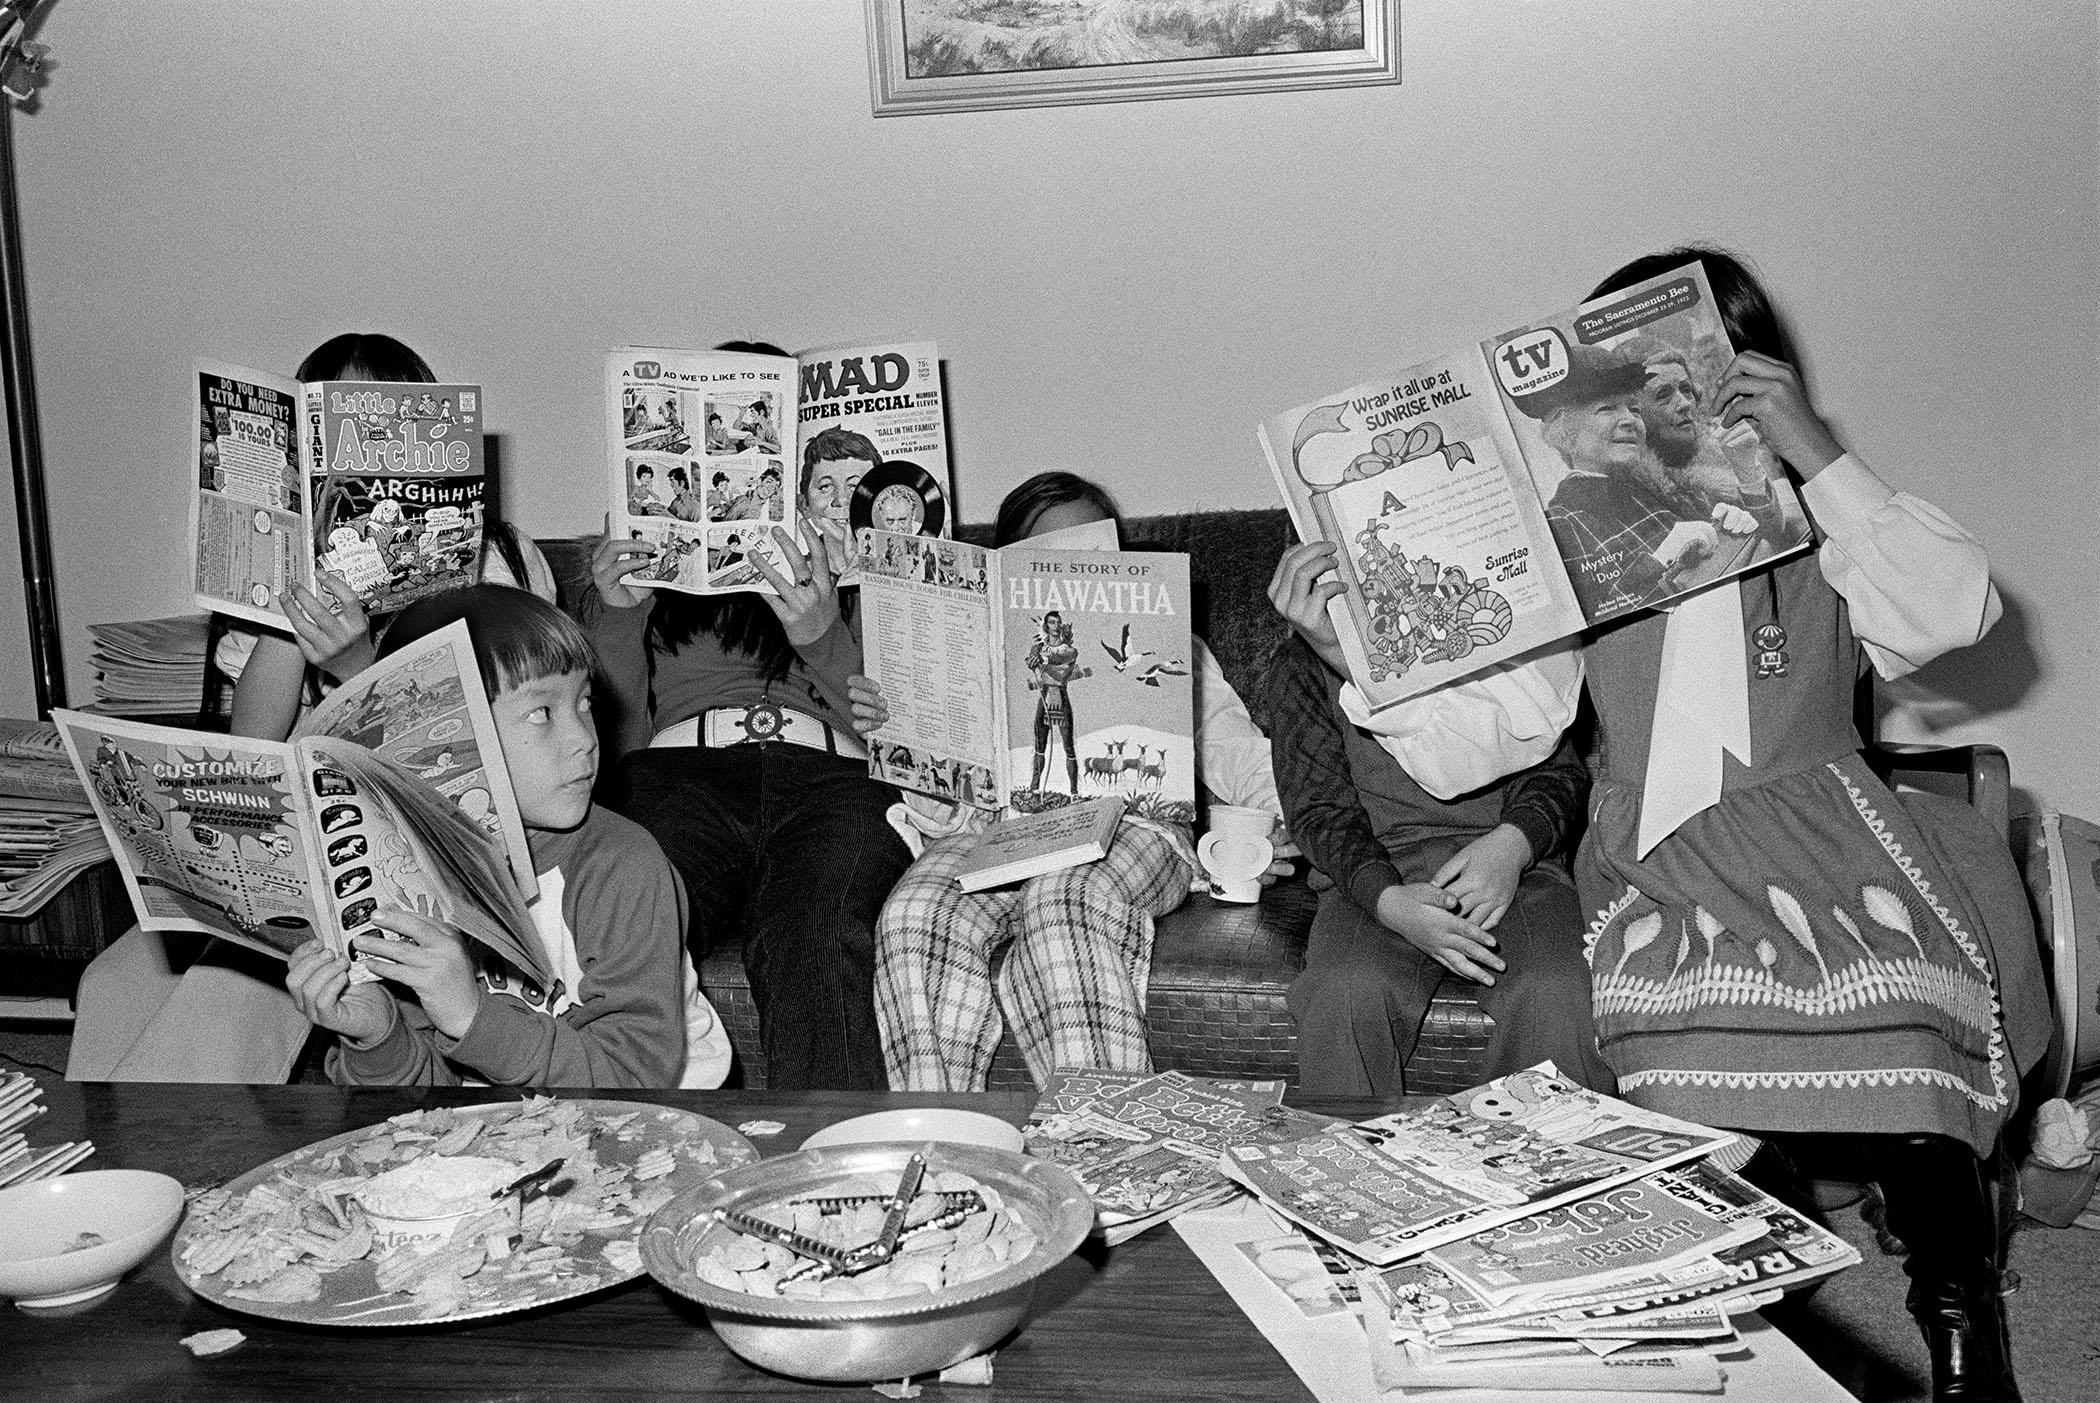 STUDY HALL, 1973 © Michael Jang